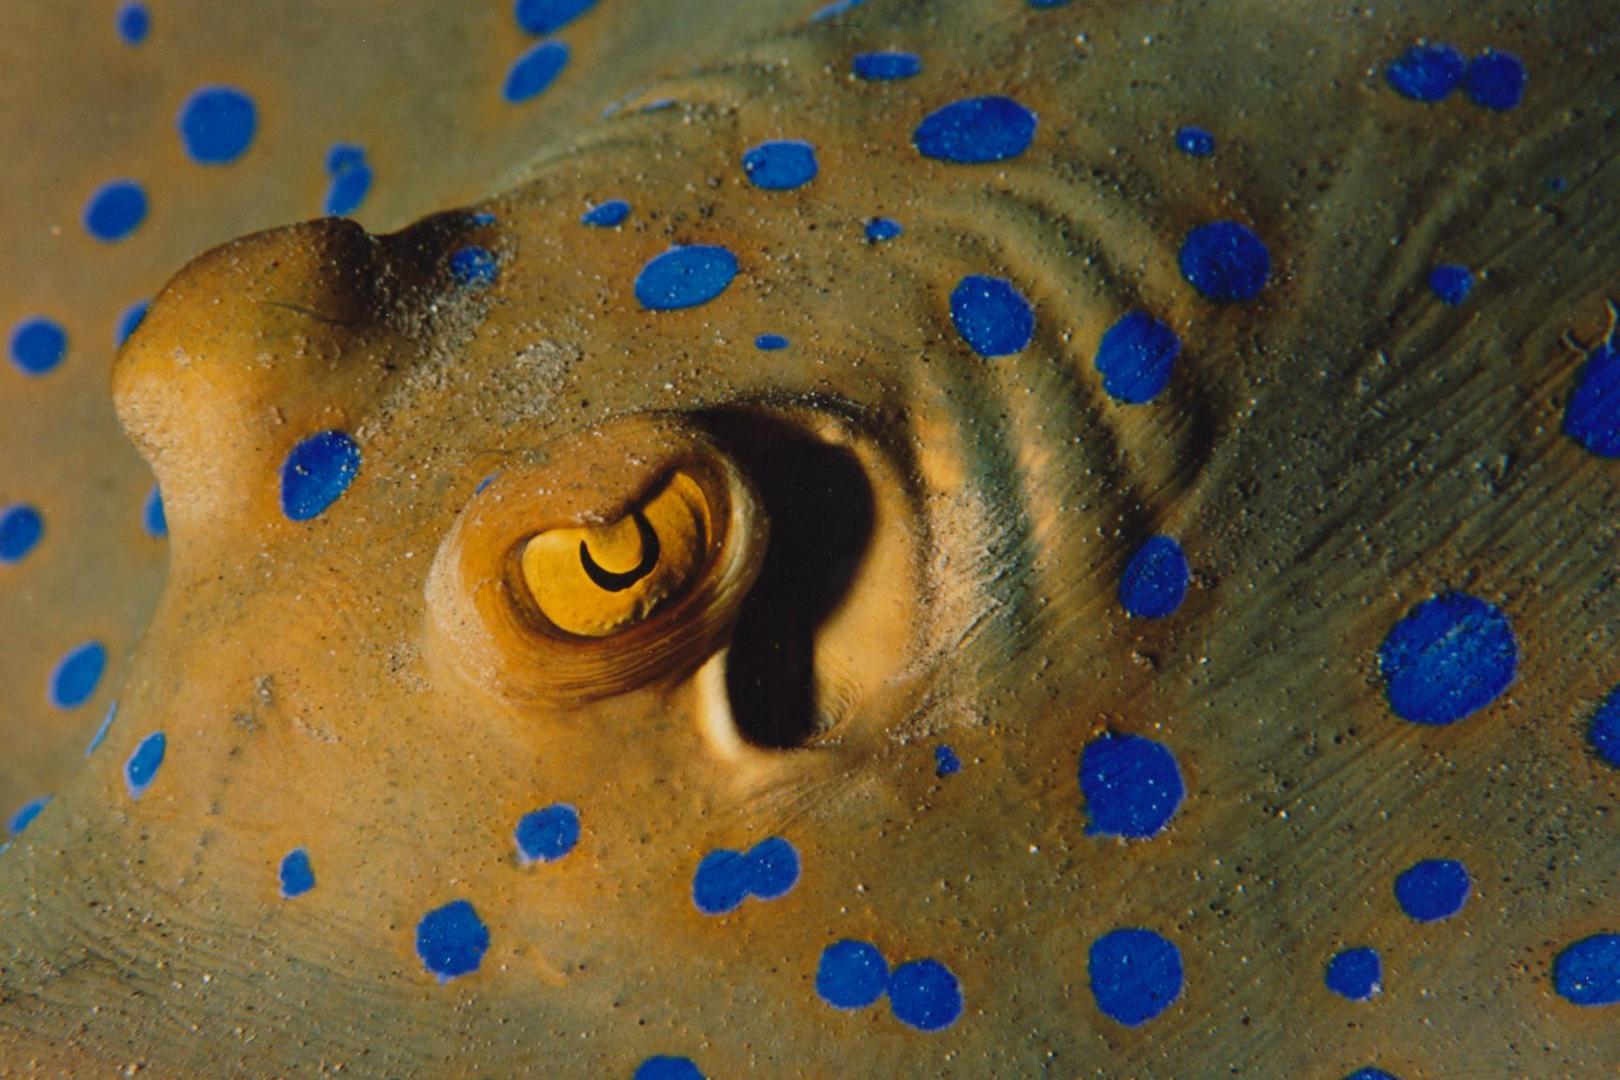 Blaupunktrochen